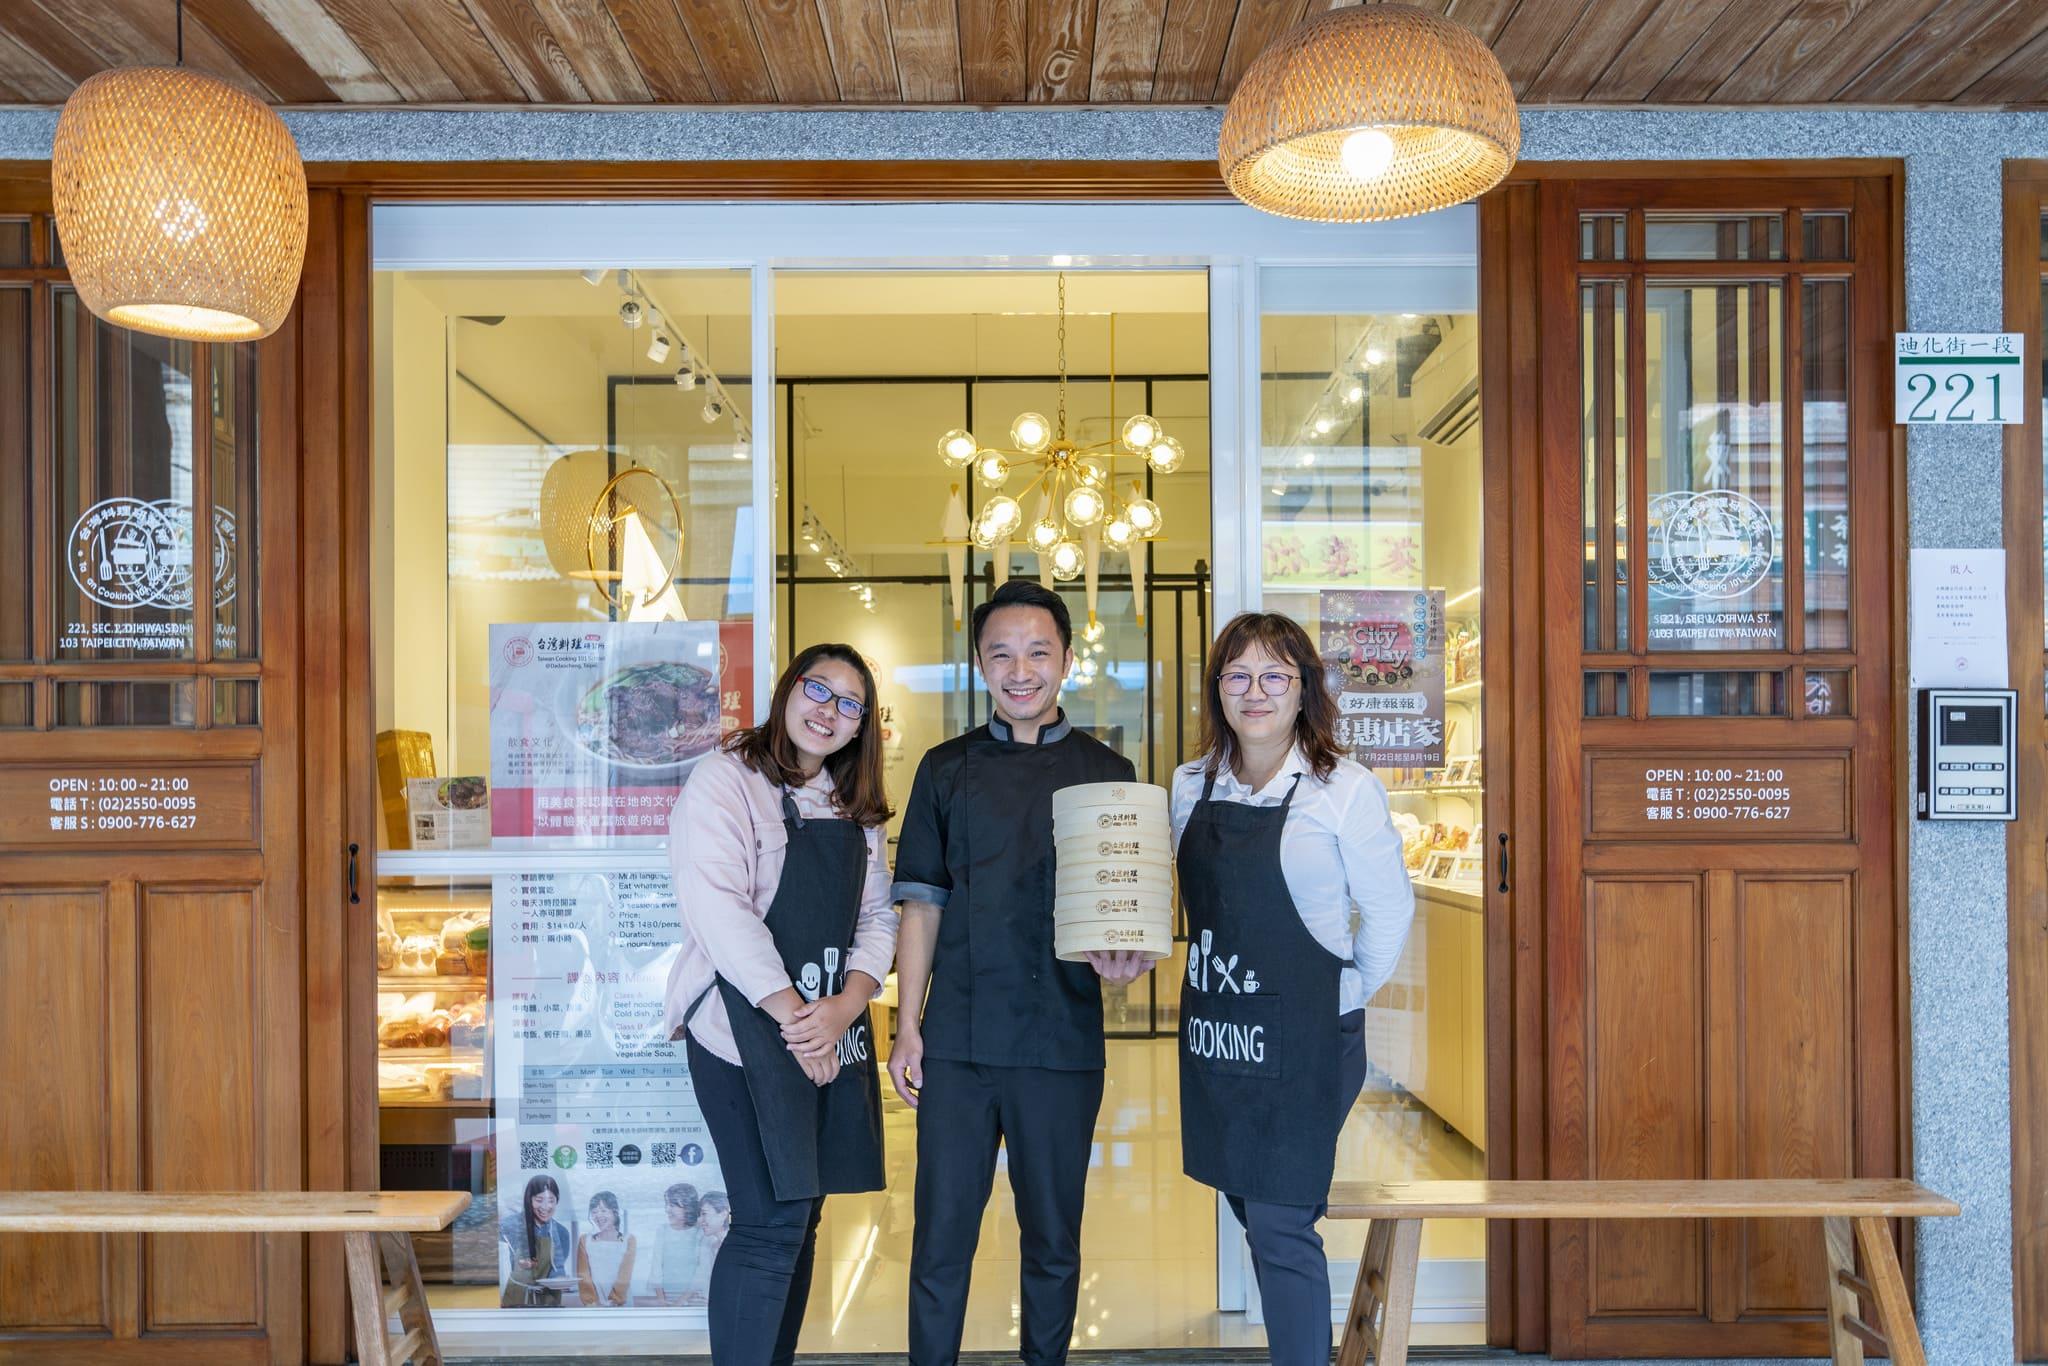 【台灣料理研習所】台北 – 藝文活動場地。用料理與世界交朋友